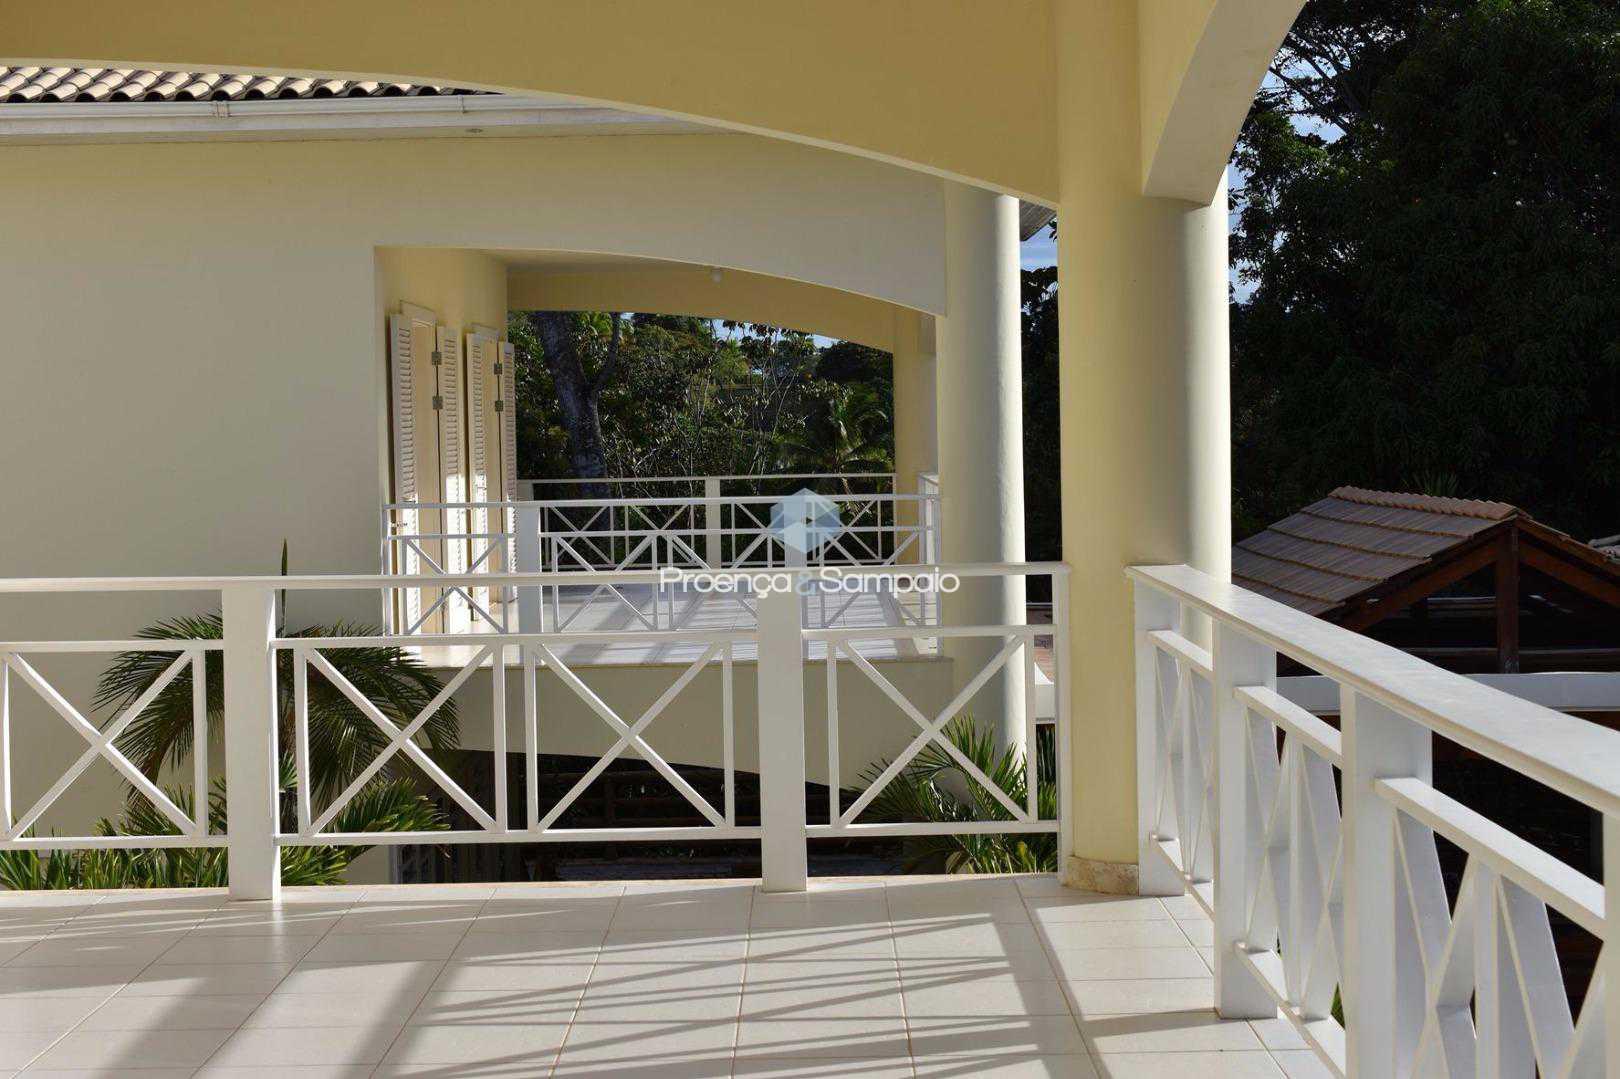 FOTO3 - Casa em Condomínio 5 quartos à venda Lauro de Freitas,BA - R$ 6.000.000 - PSCN50015 - 5